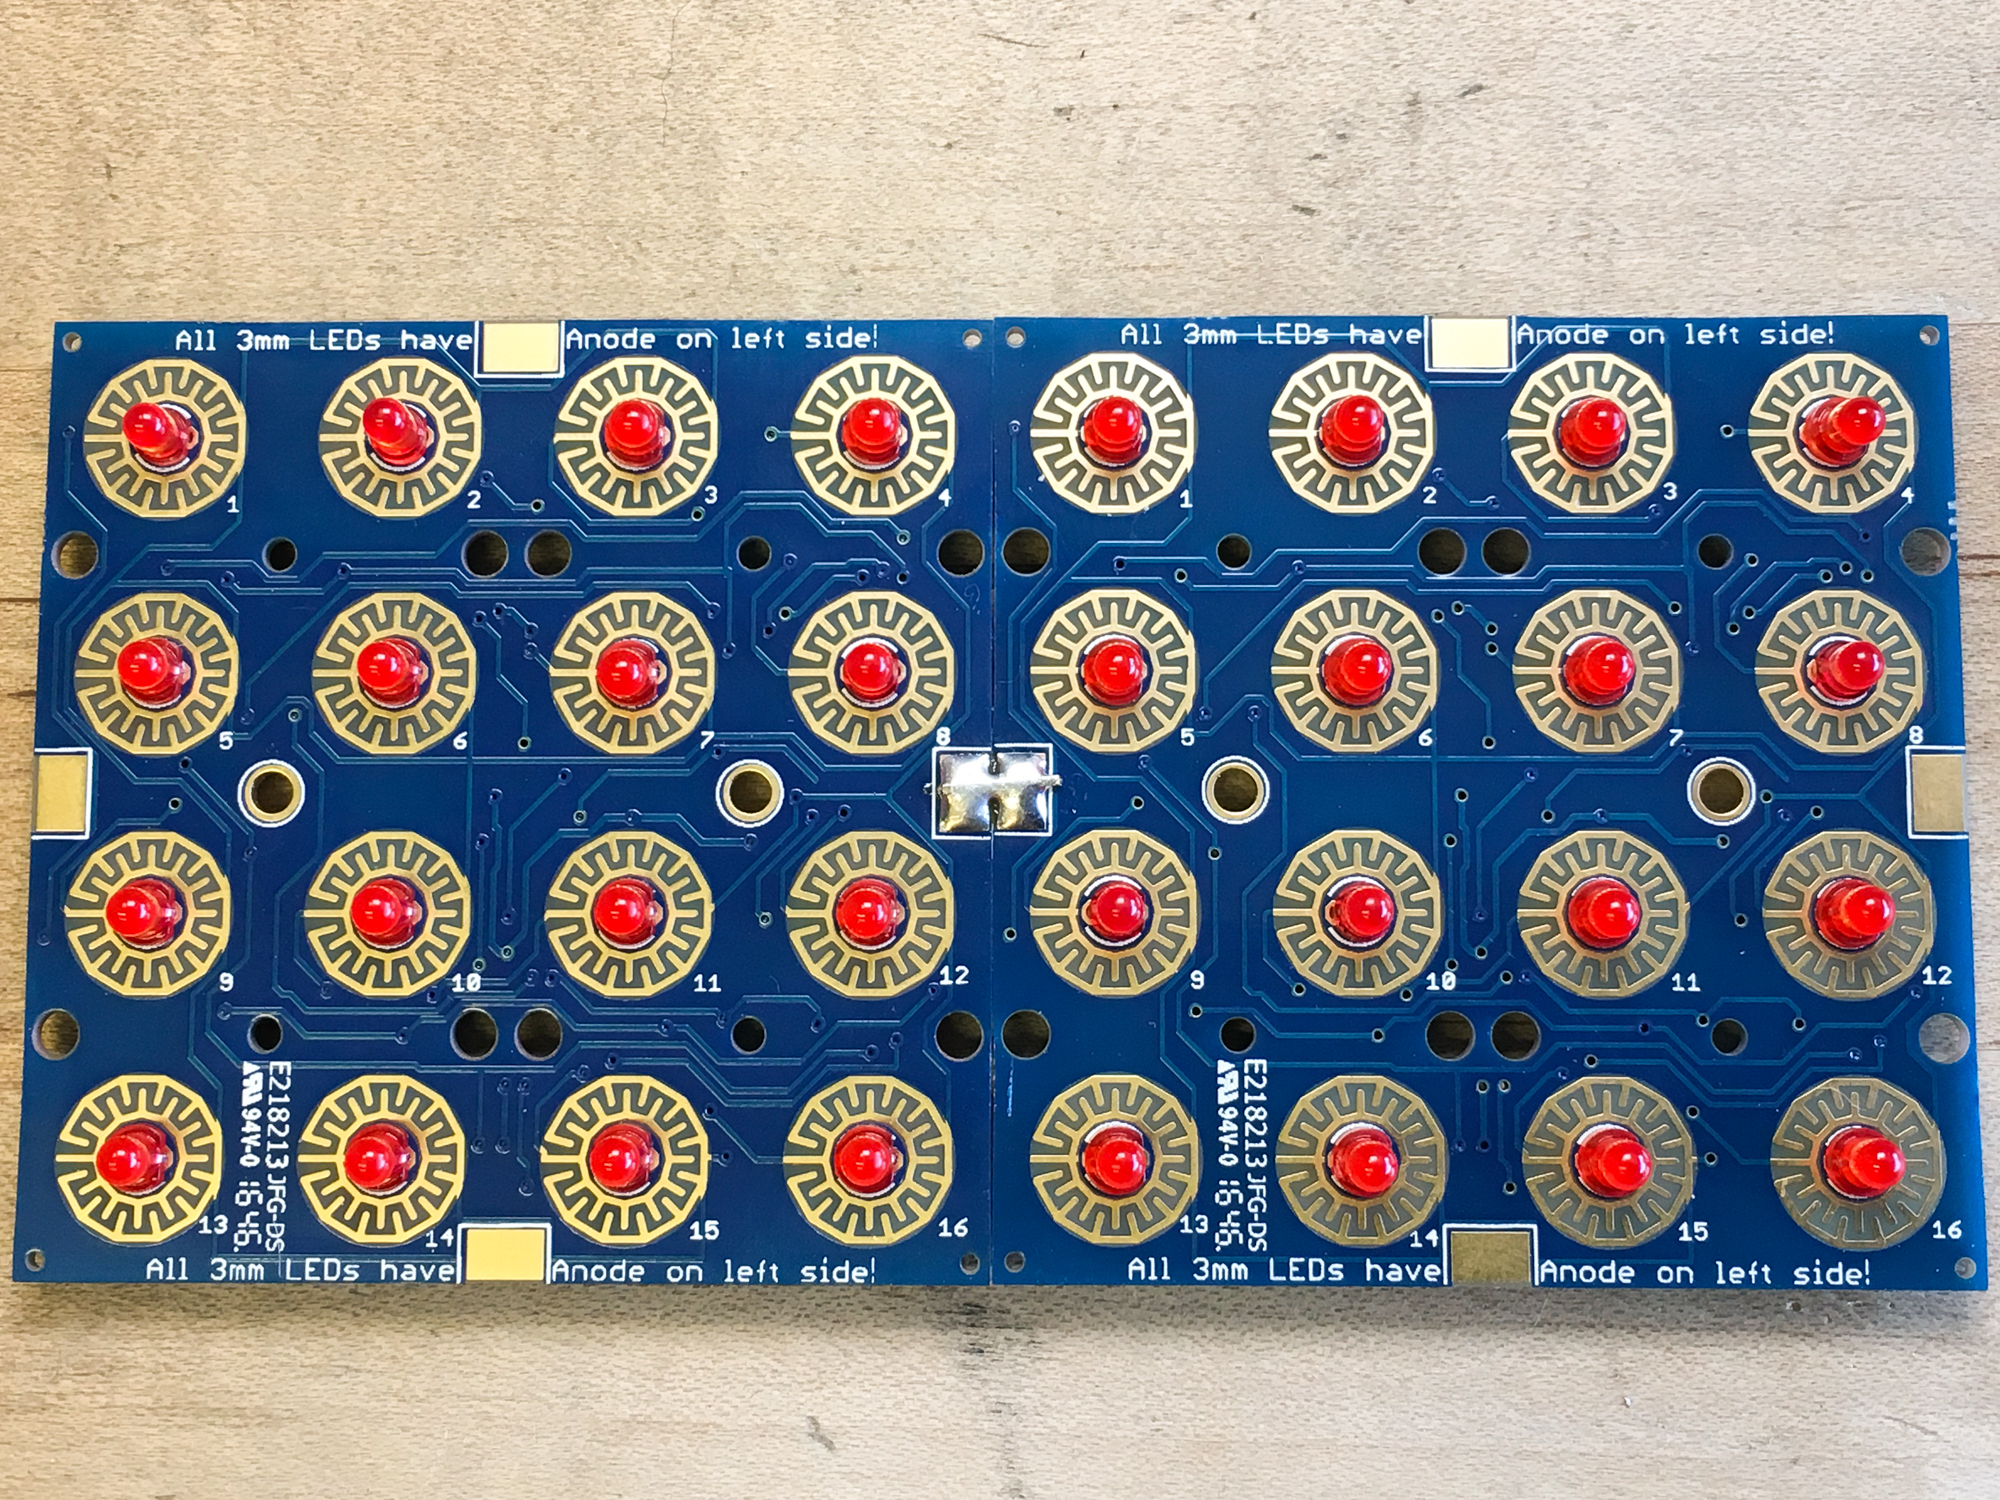 microcontrollers_IMG_1875_2k.jpg